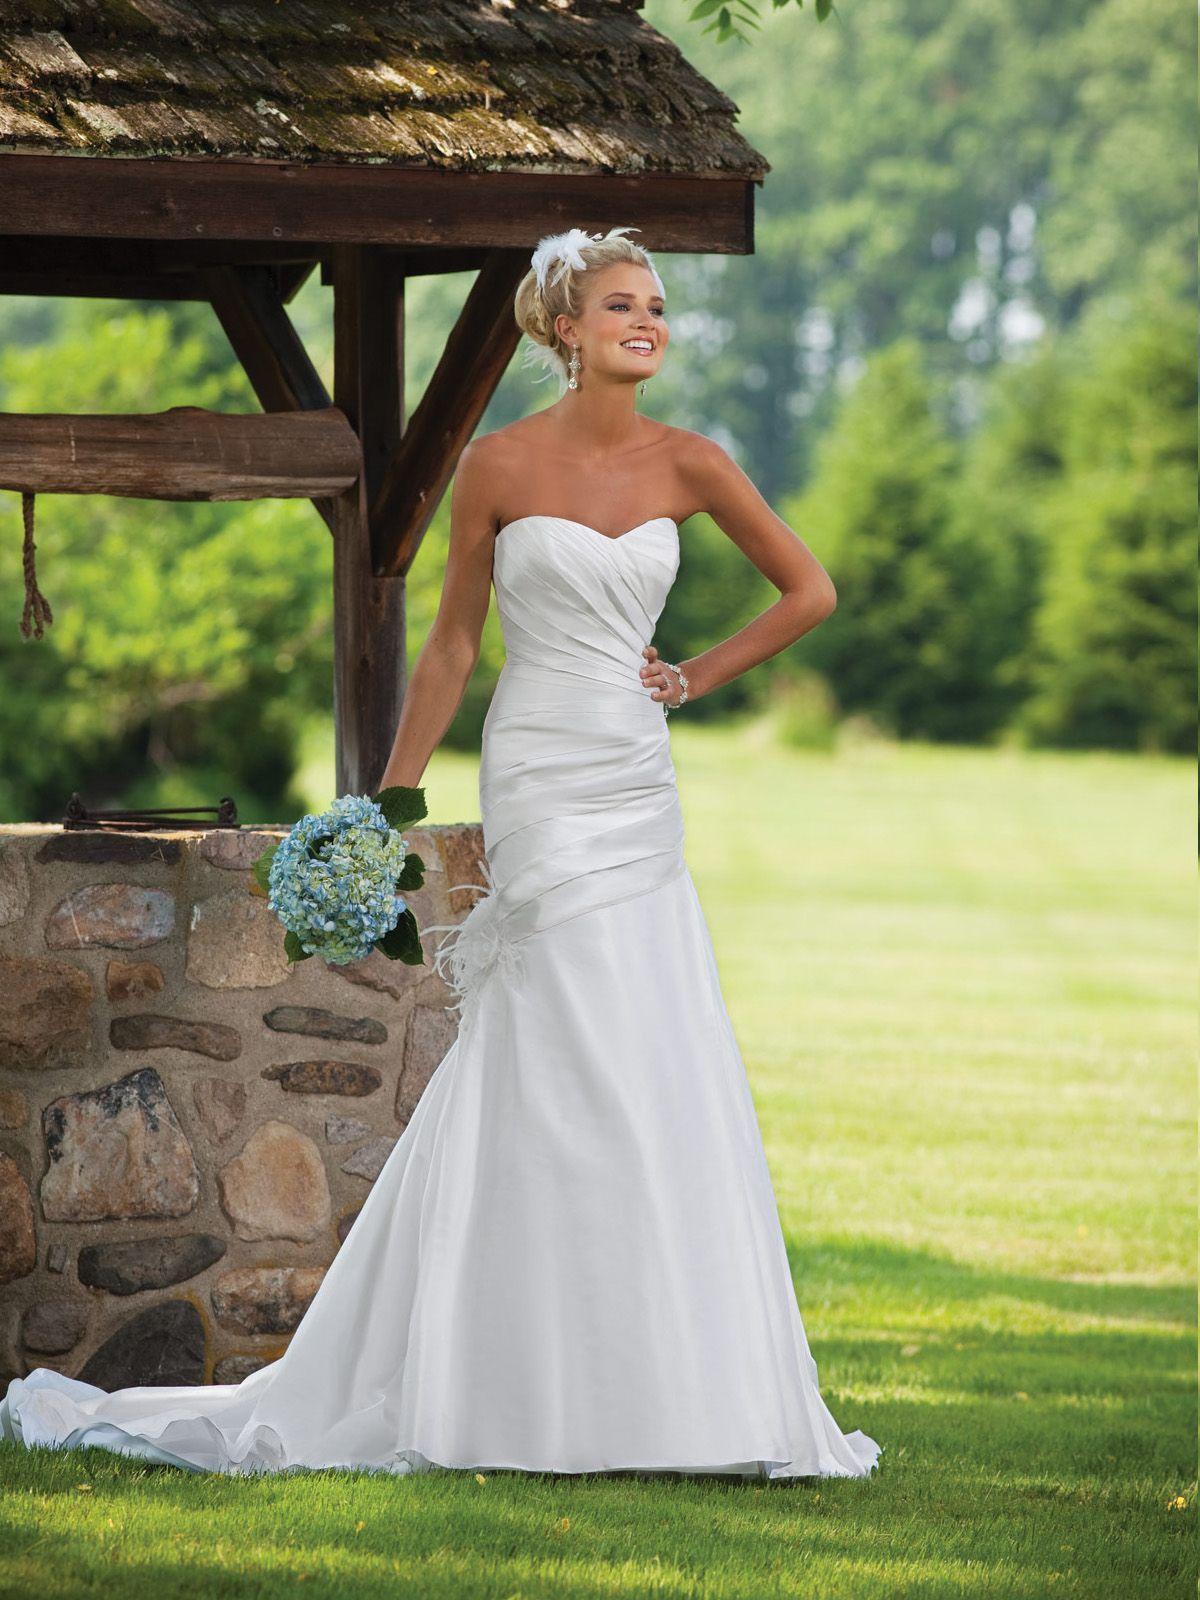 Wedding dresseswedding dresseswedding dresses wedding ideas